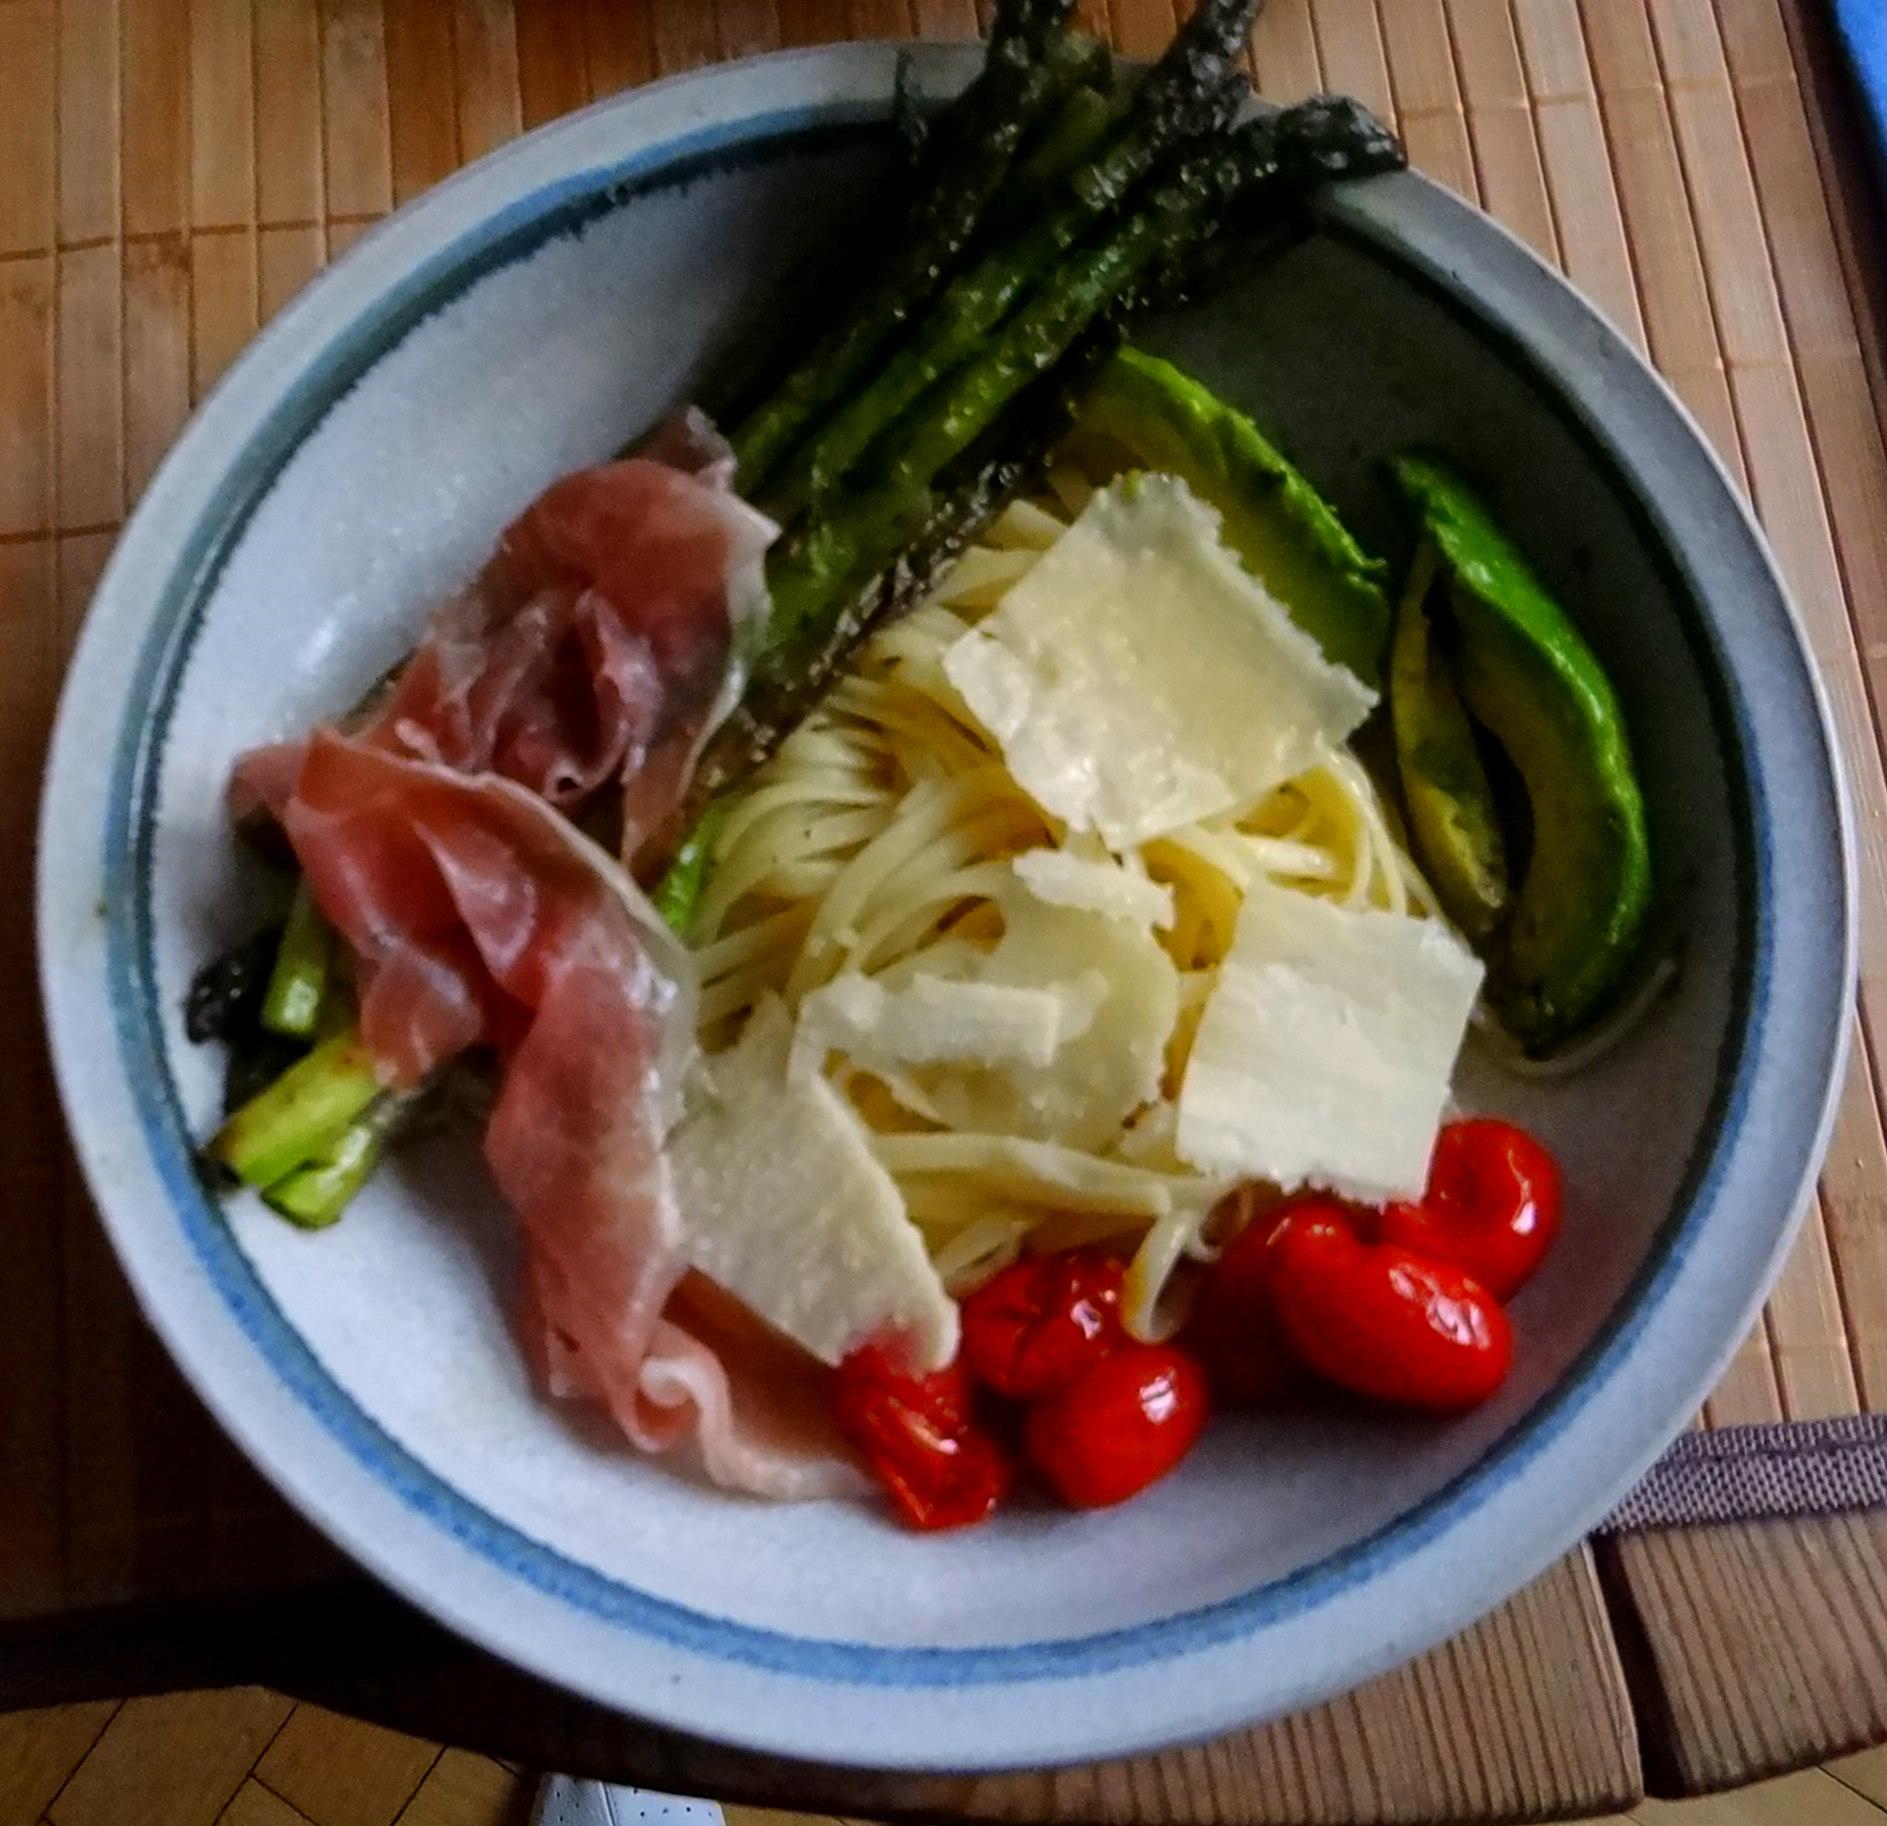 Spaghetti,Grana Padano,Prosciutto di San Daniele,grüner Spargel,Bärlauchpesto,Avocado (15)